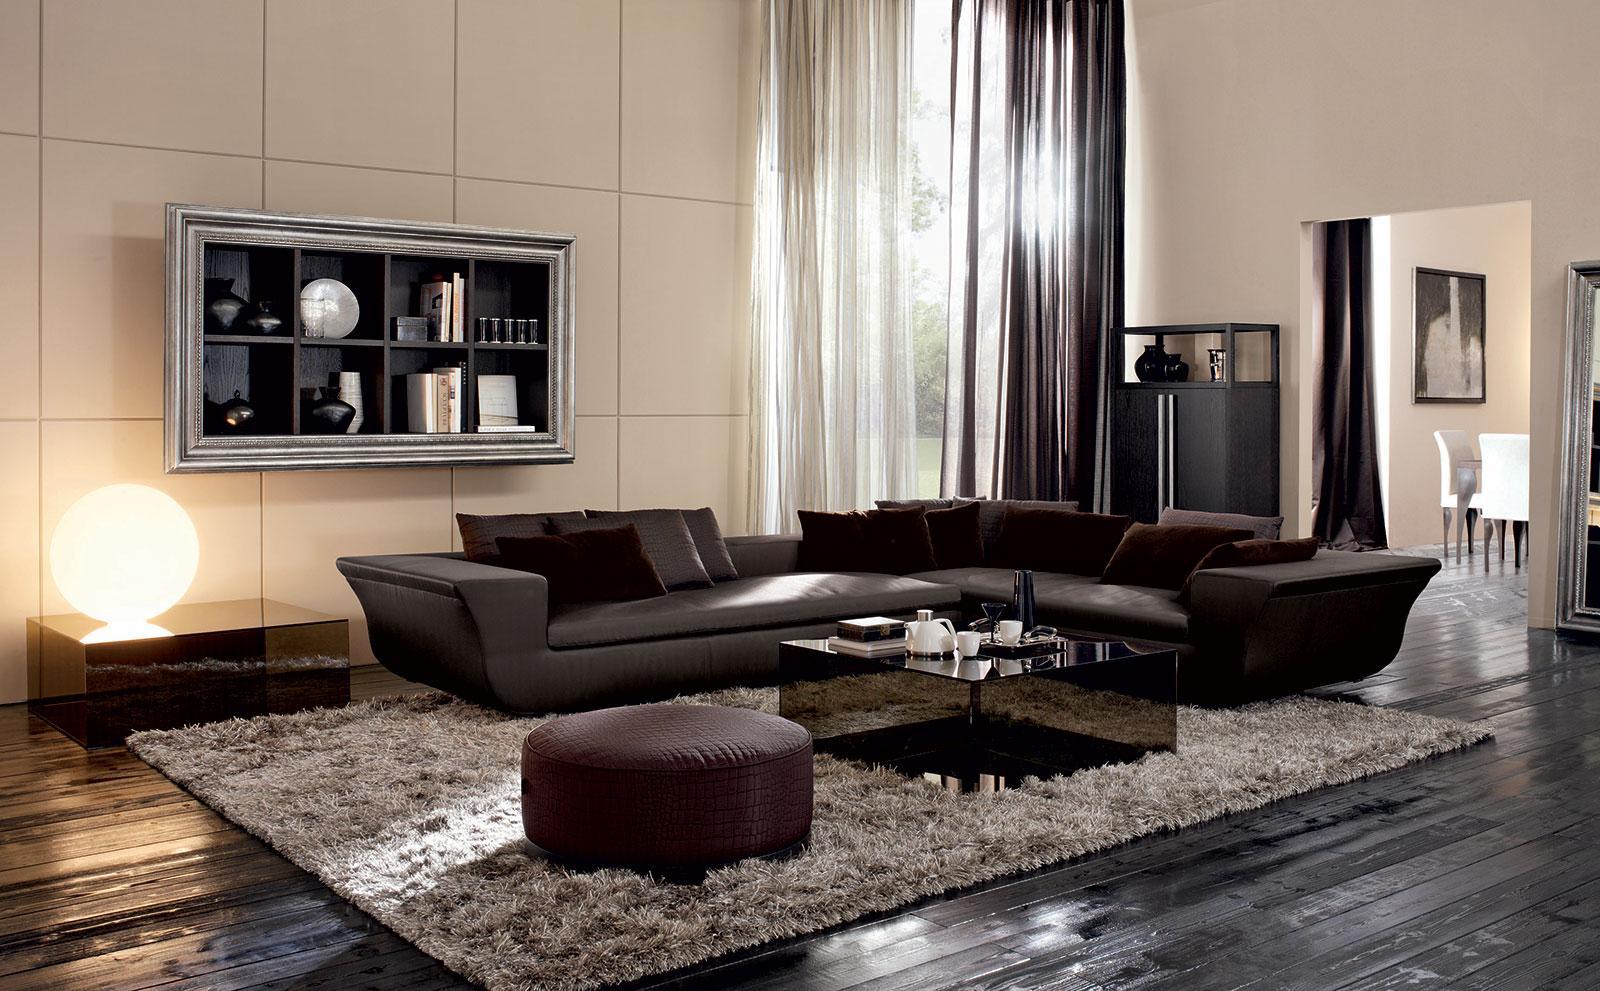 Arredamento soggiorno moderno di lusso perfect ecco il for Arredamenti moderni foto